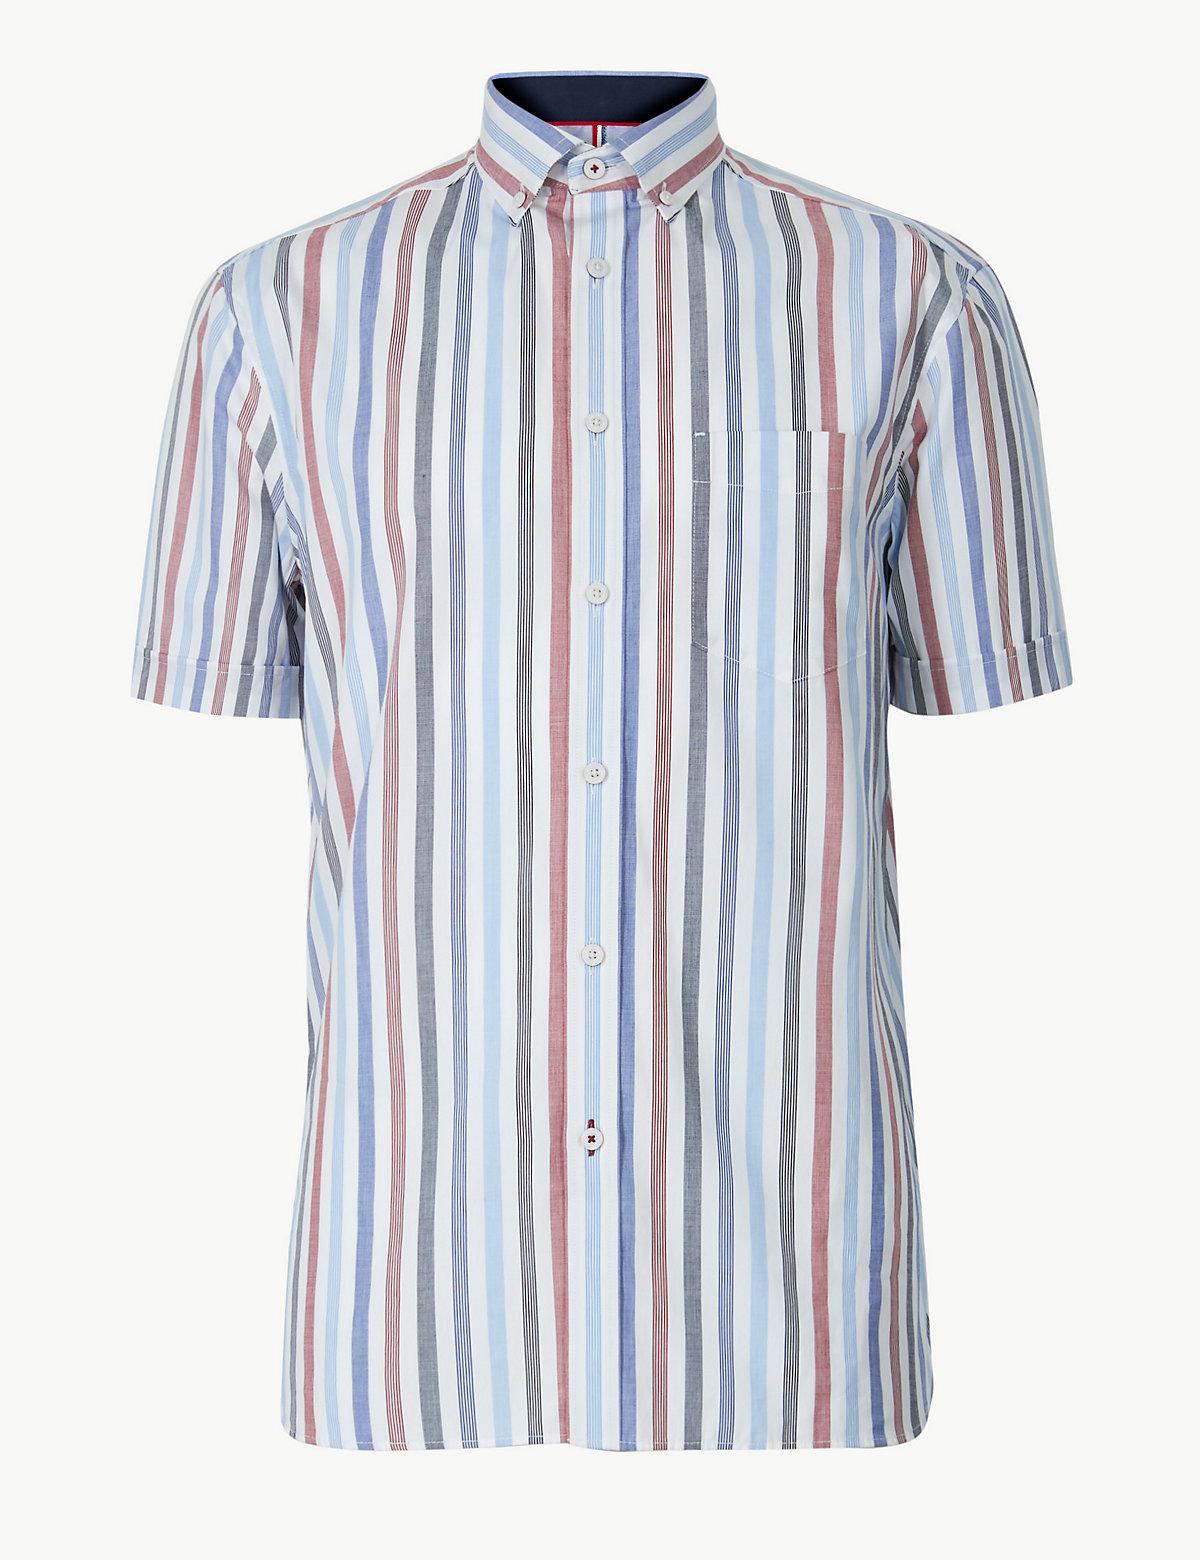 Хлопковая рубашка в полоску с коротким рукавом